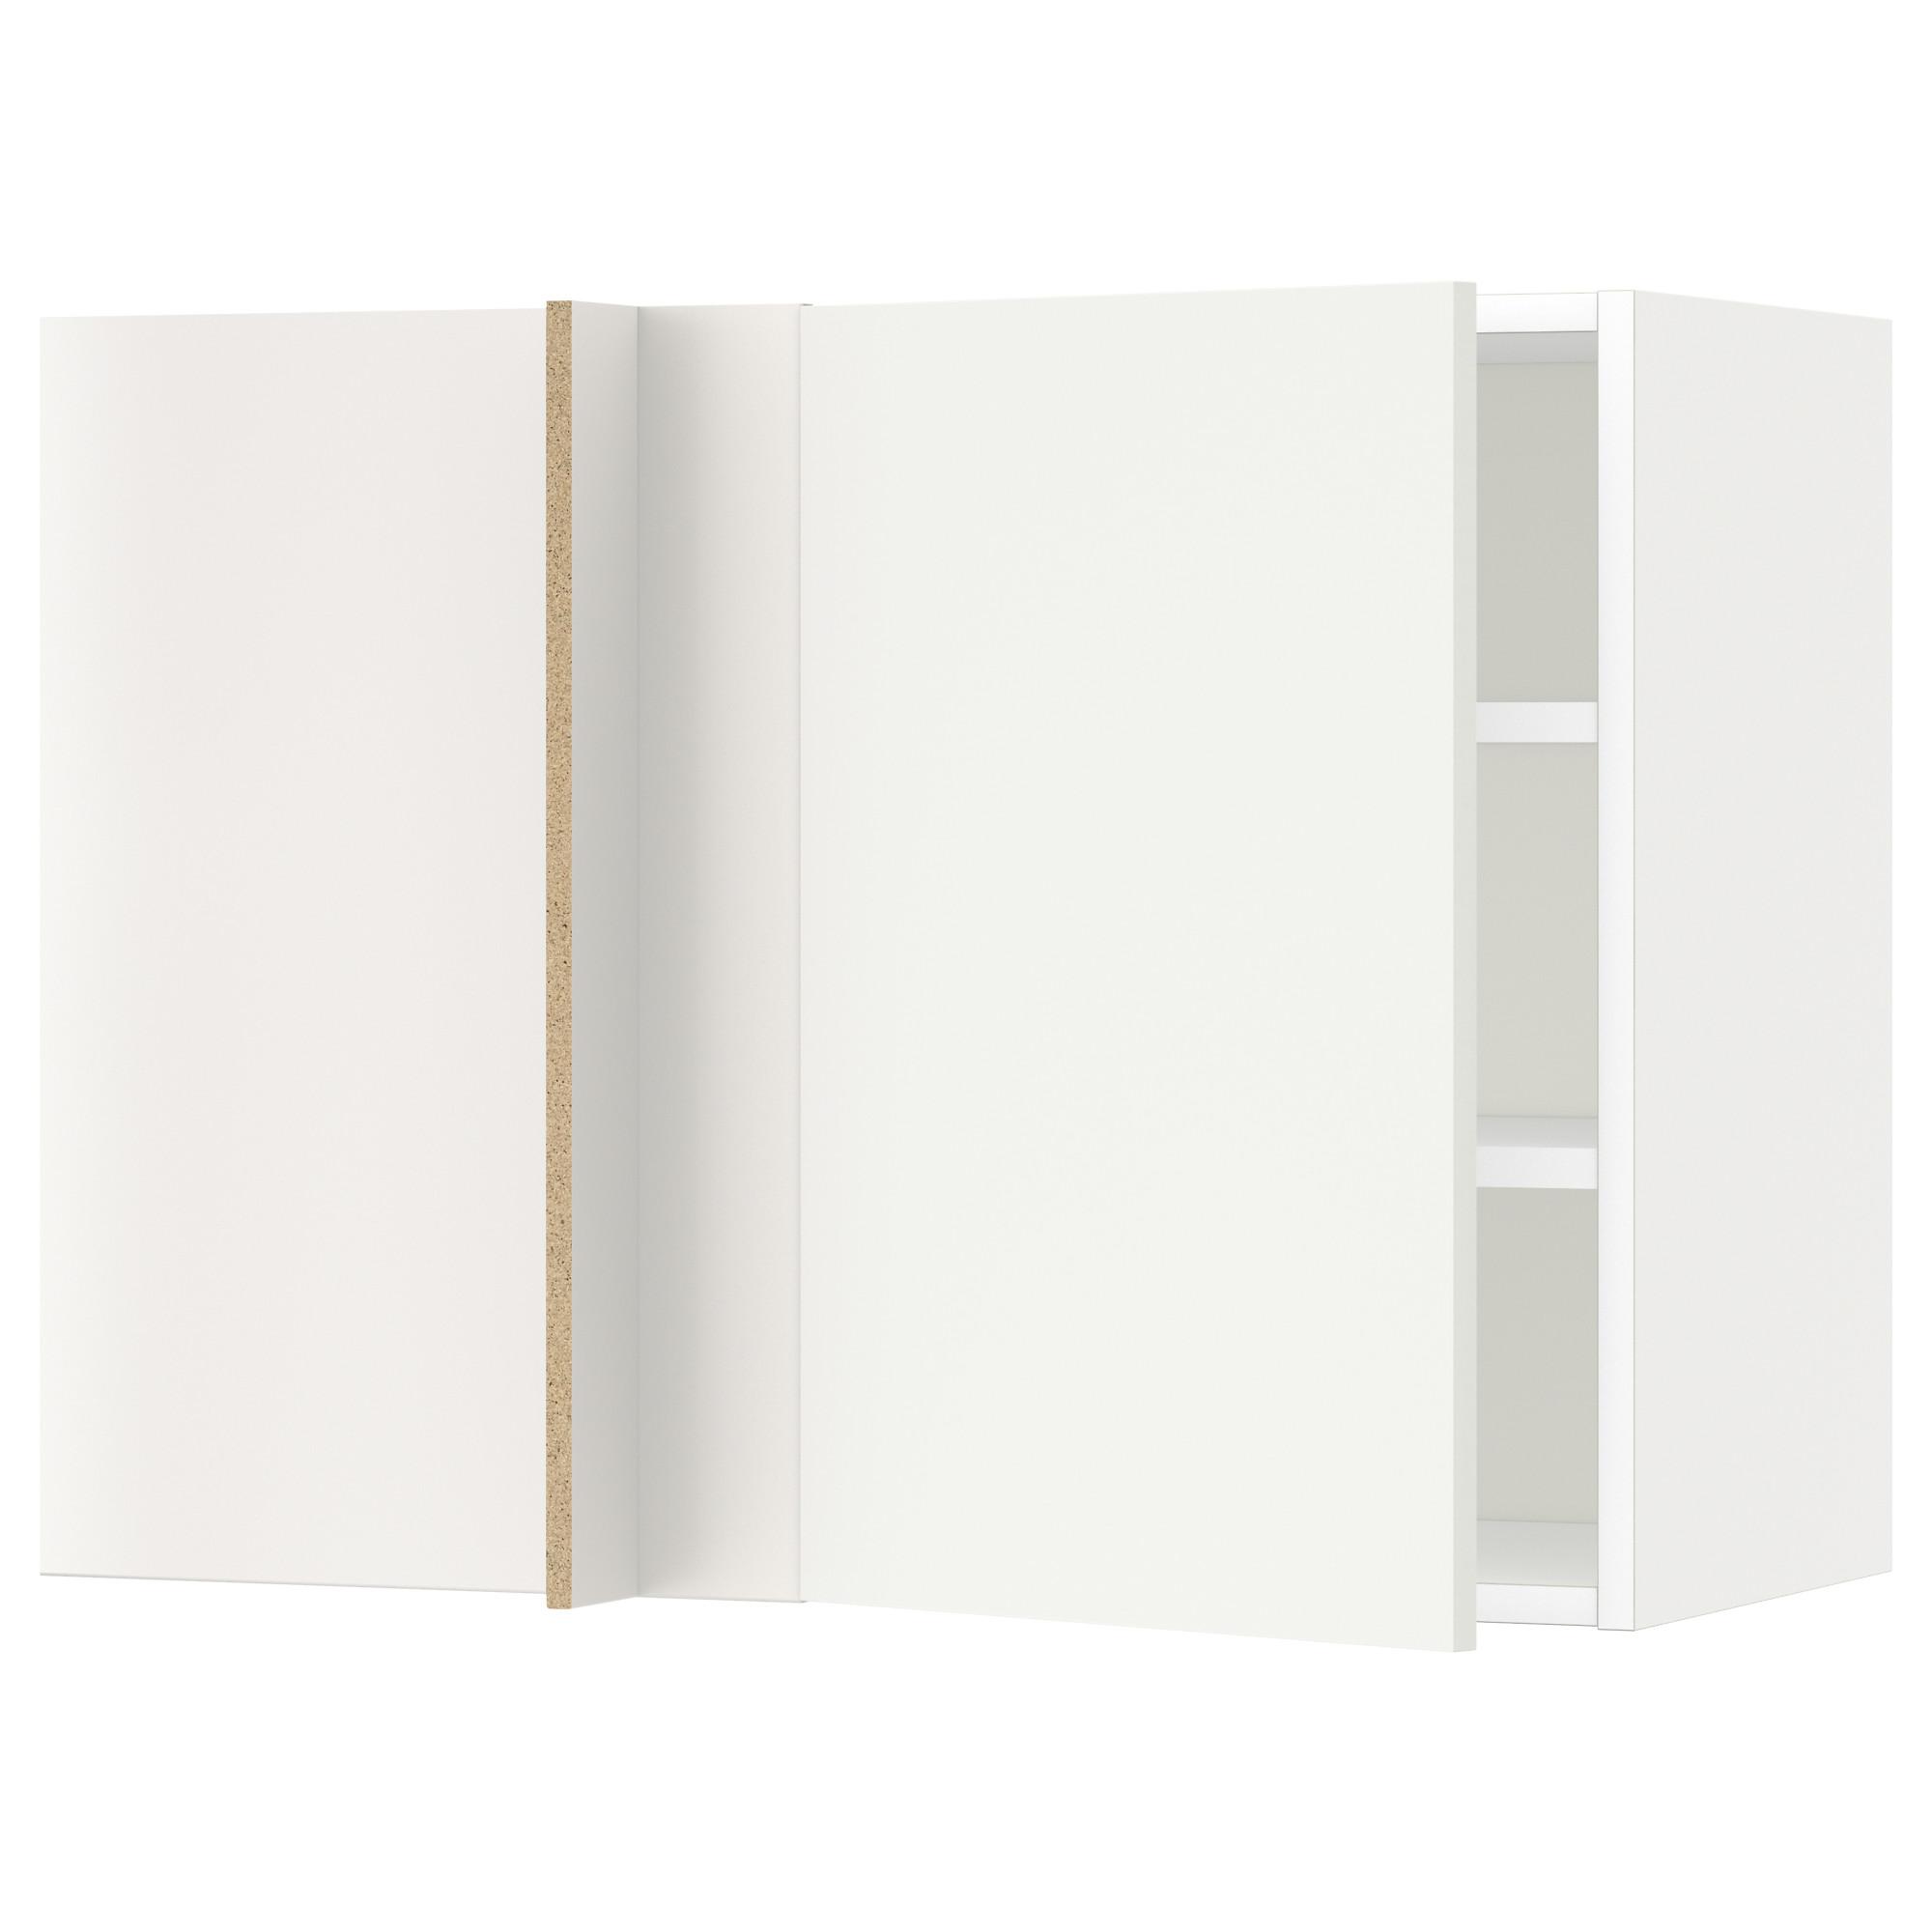 Угловой навесной шкаф с полками МЕТОД белый артикуль № 192.263.39 в наличии. Онлайн каталог ИКЕА РБ. Недорогая доставка и монтаж.